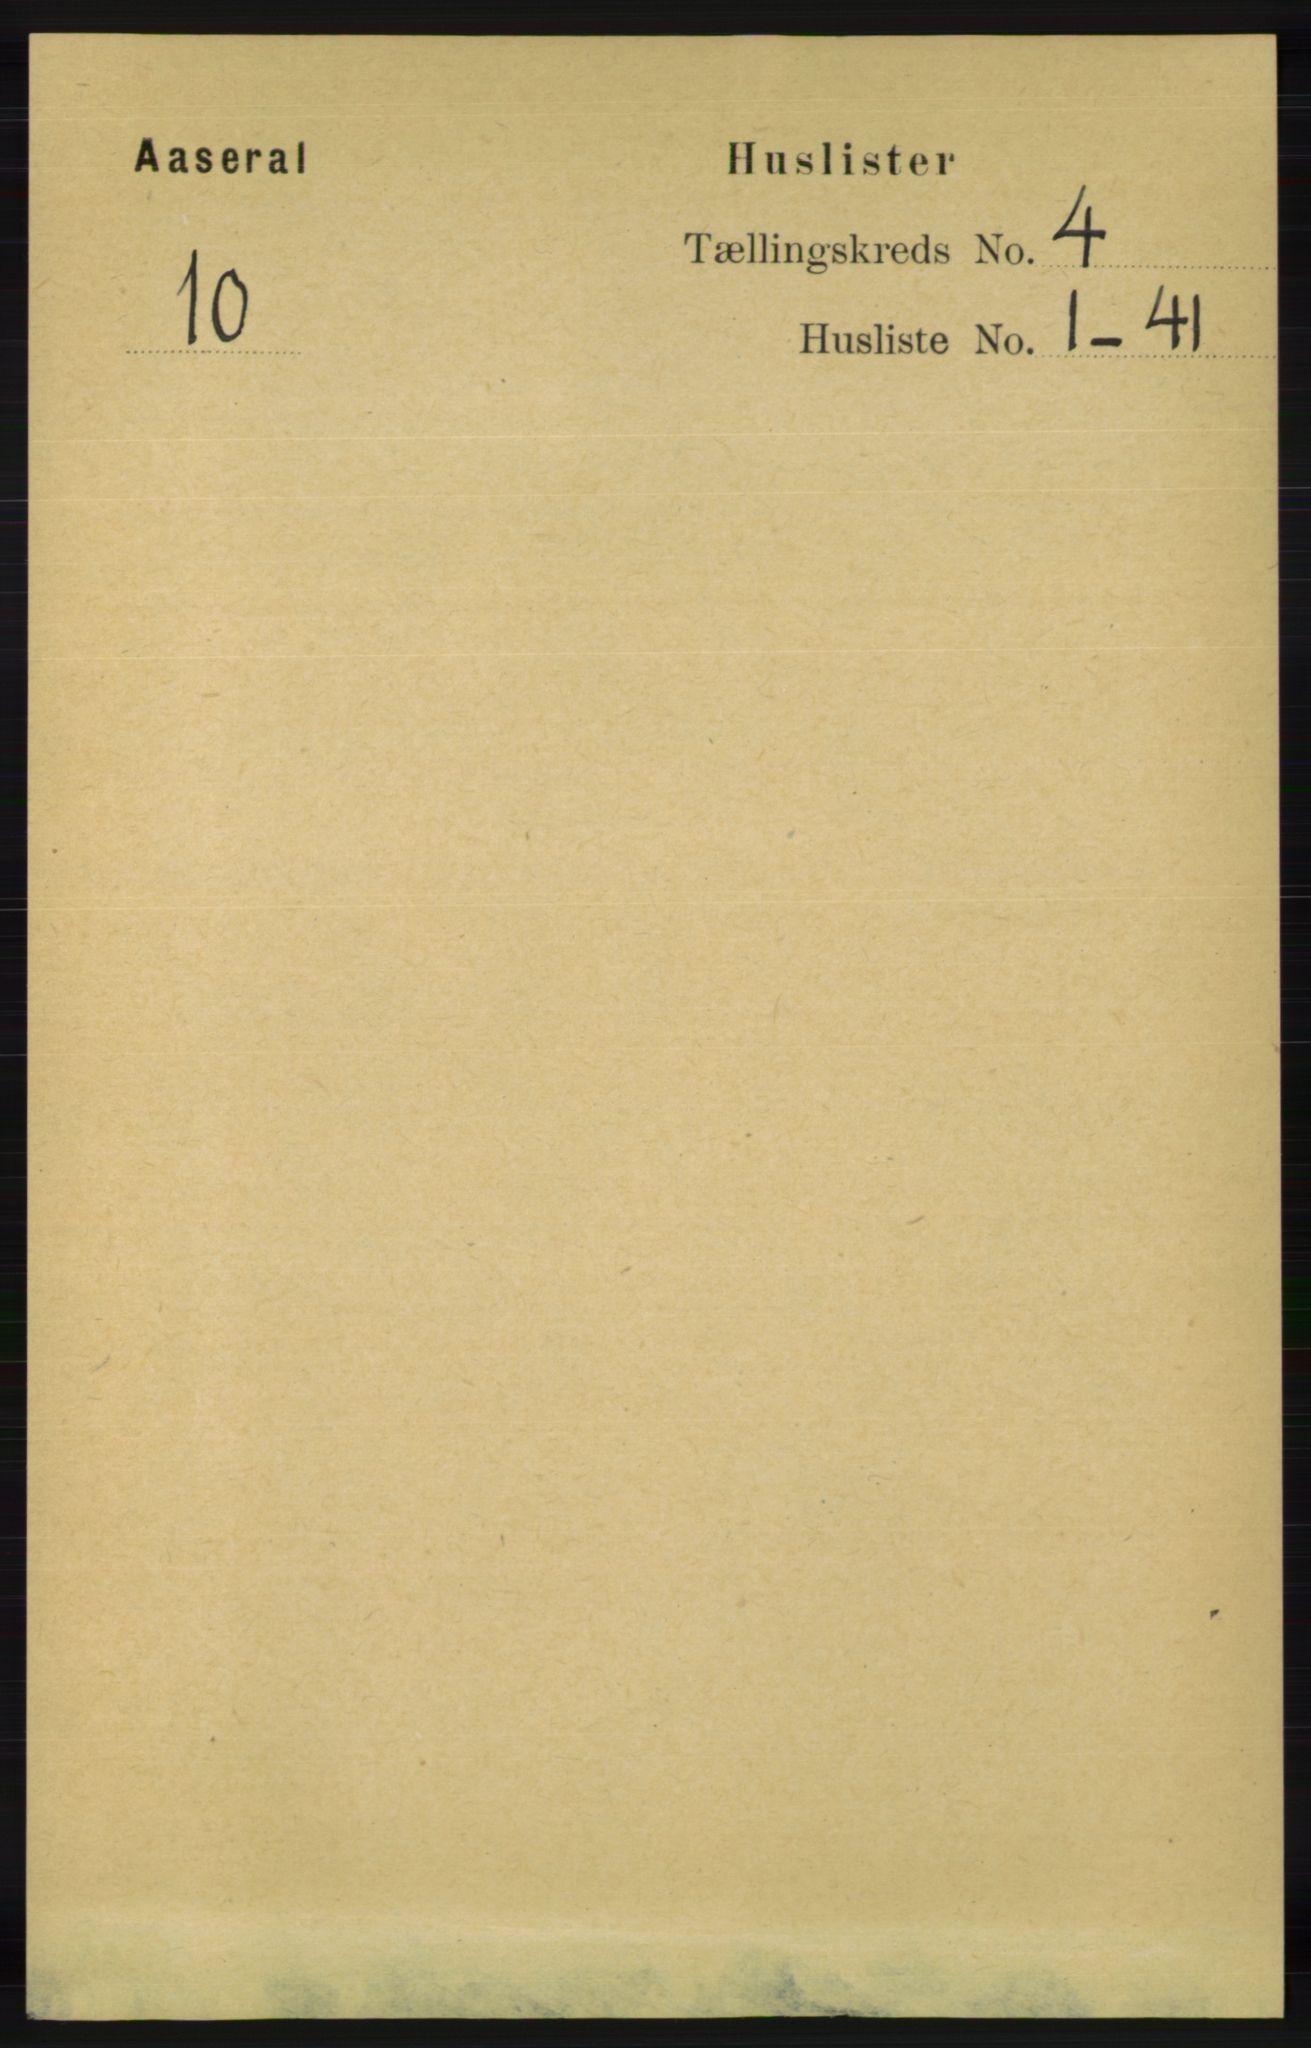 RA, Folketelling 1891 for 1026 Åseral herred, 1891, s. 1119